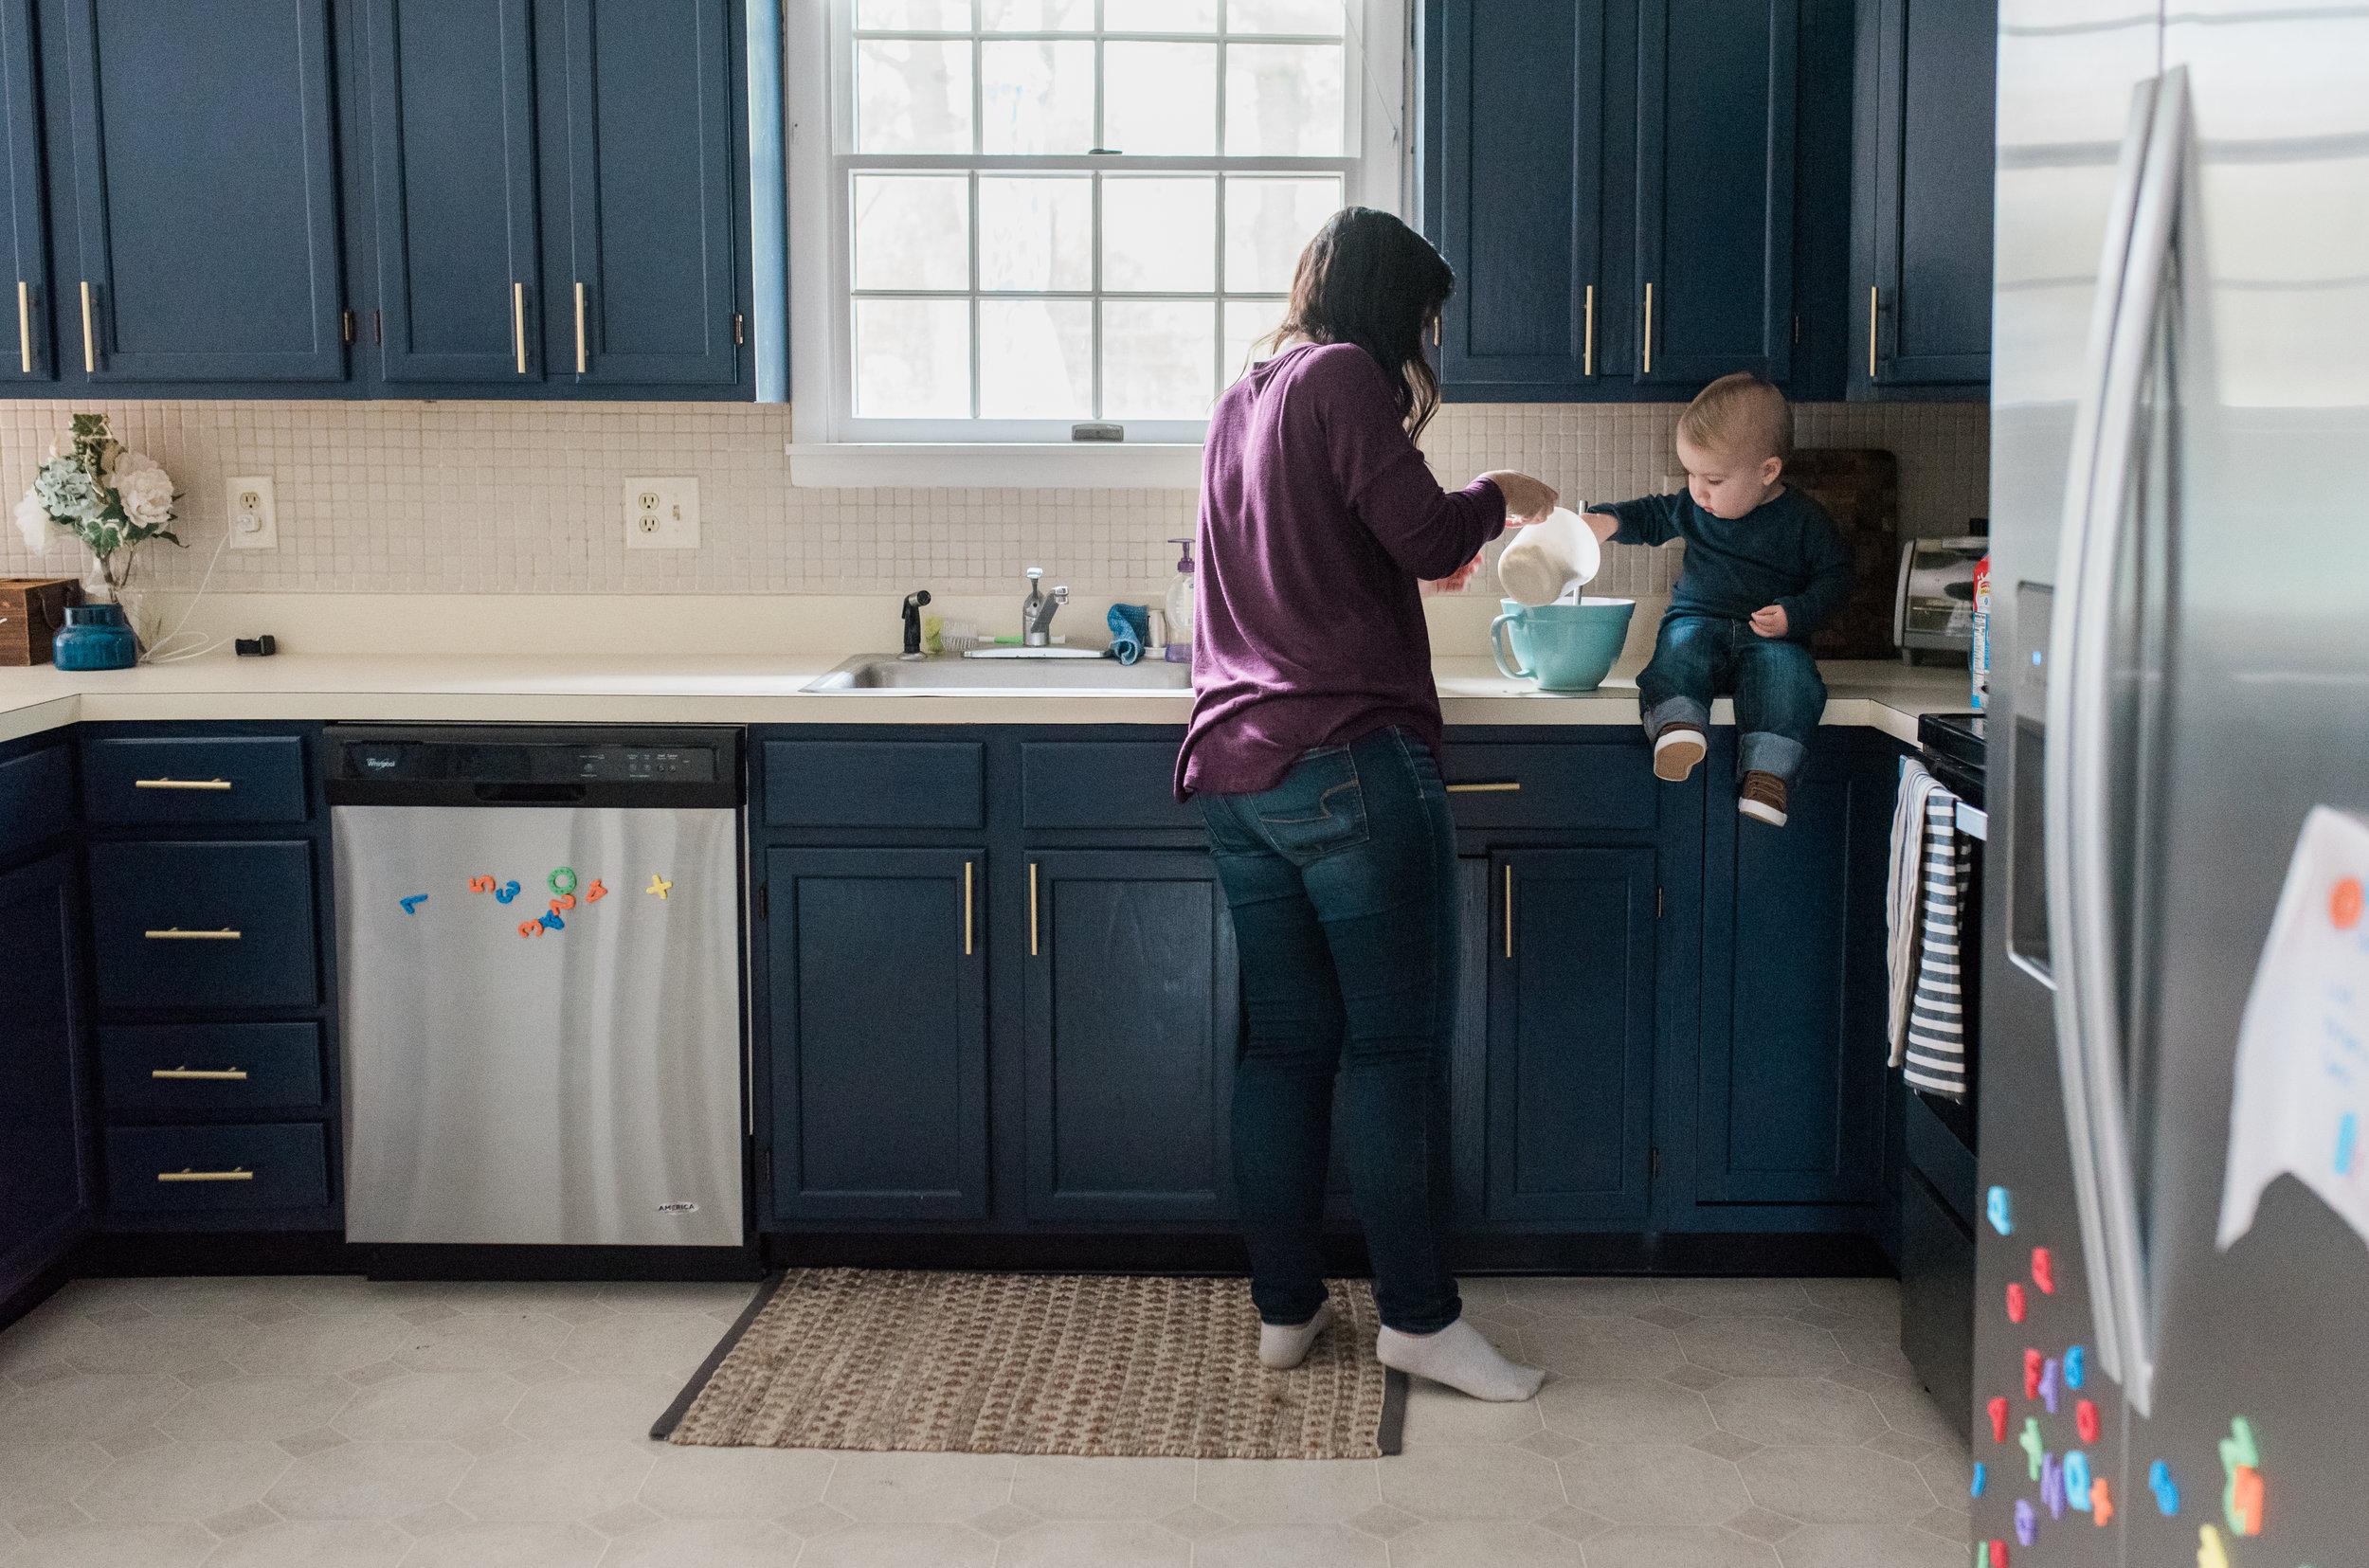 Maryland-lifestyle-photographer-in home-family-breanna-kuhlmann.jpg